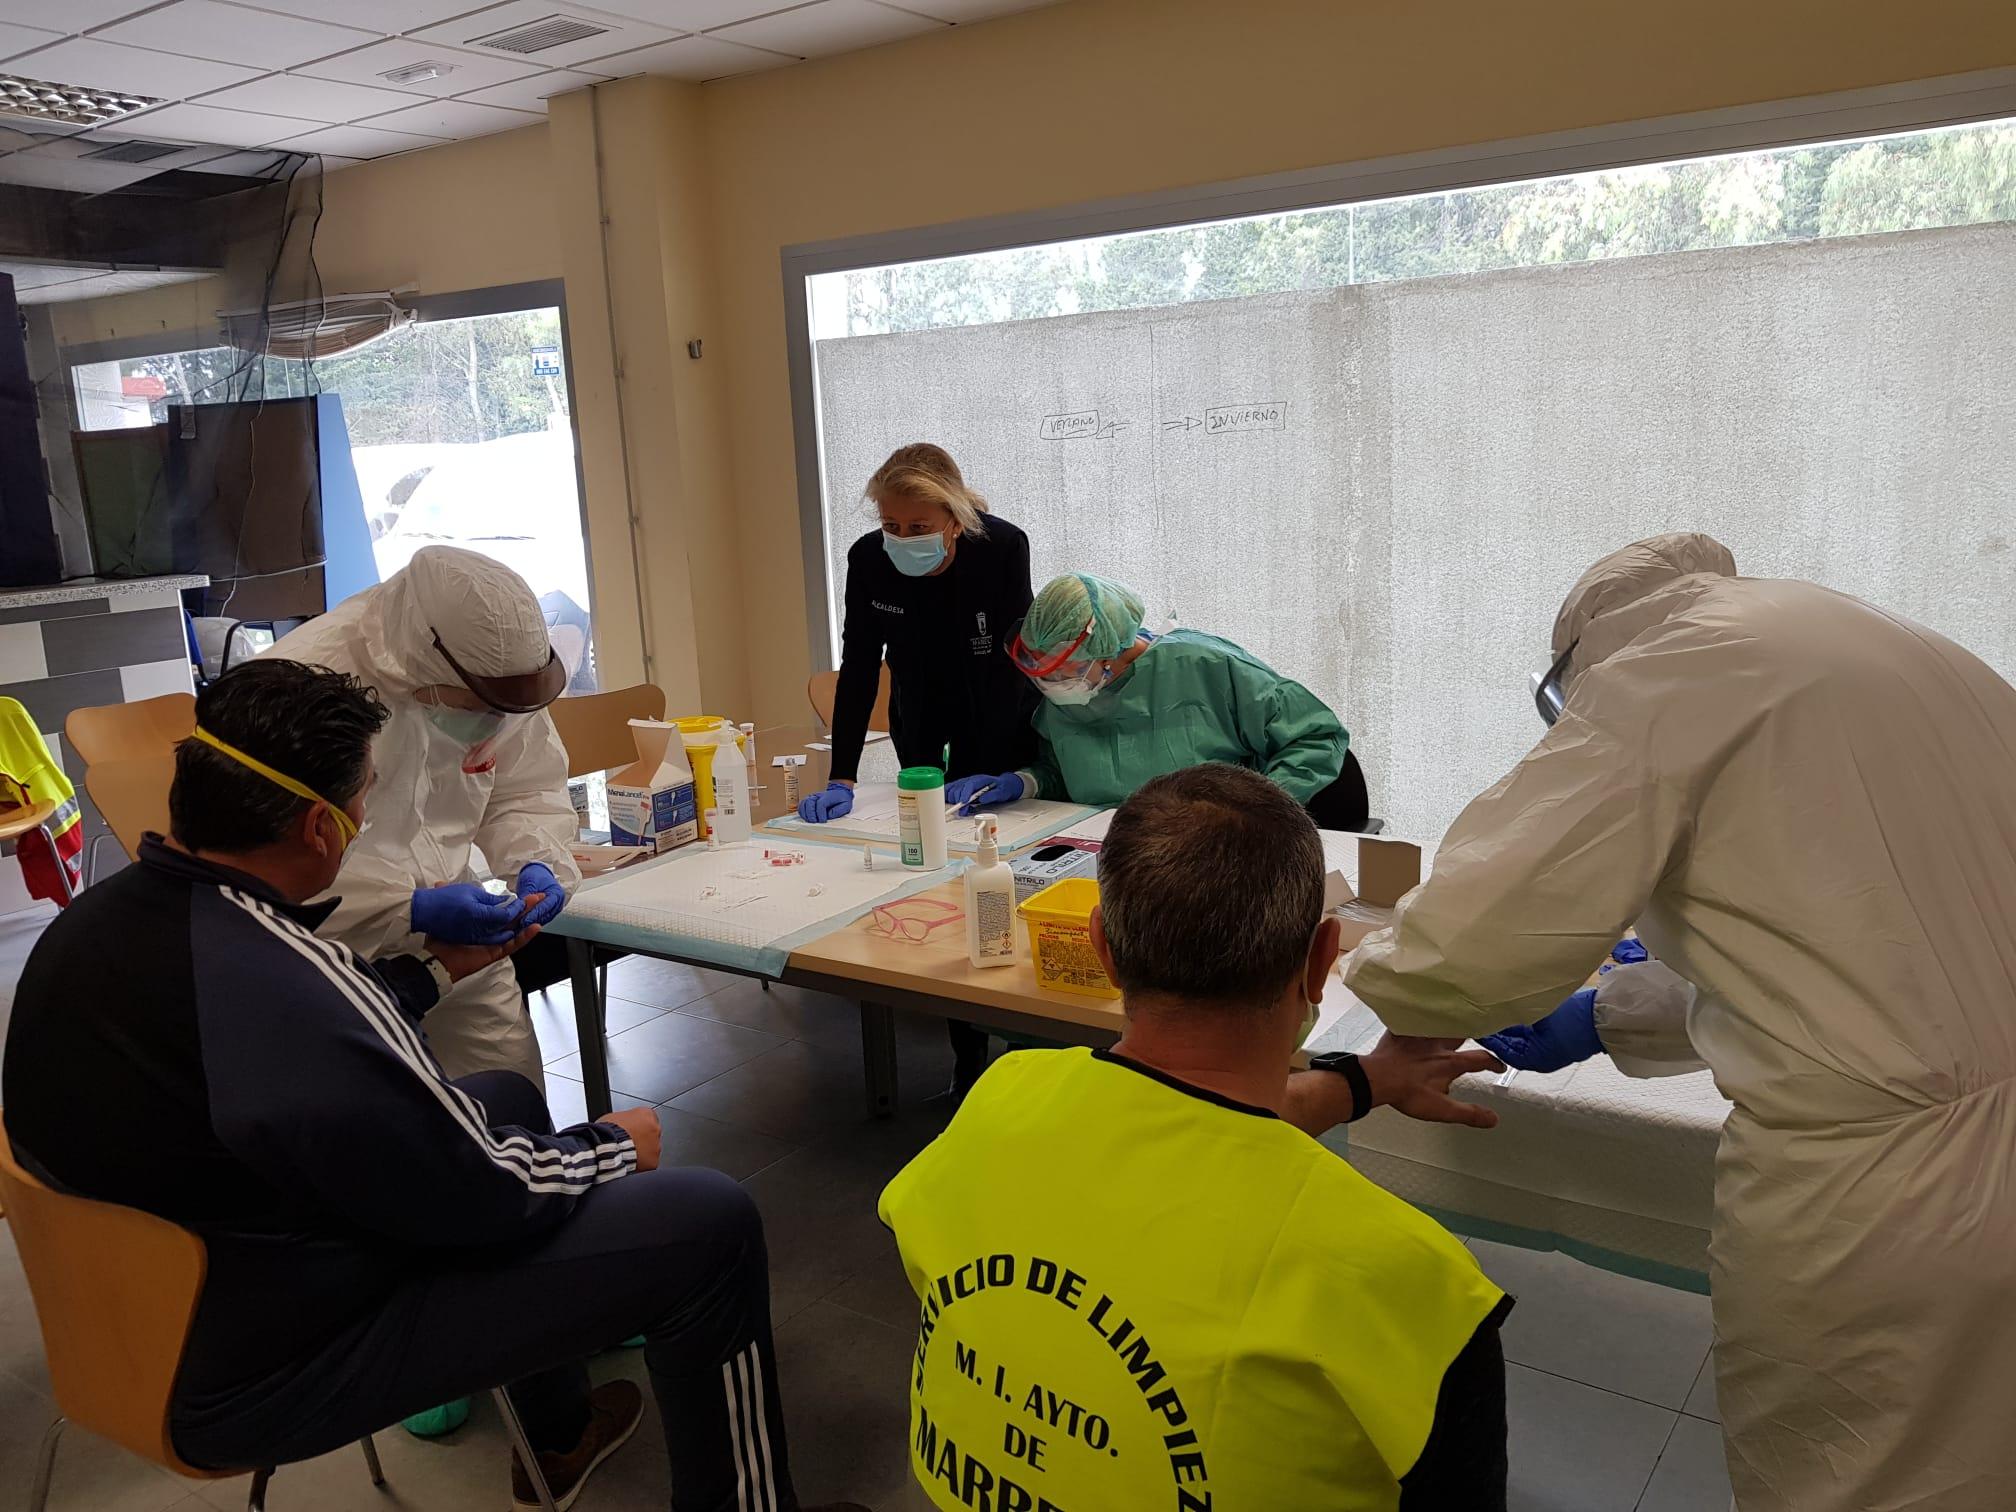 El Consistorio comienza hoy con los test rápidos de detección del Covid-19